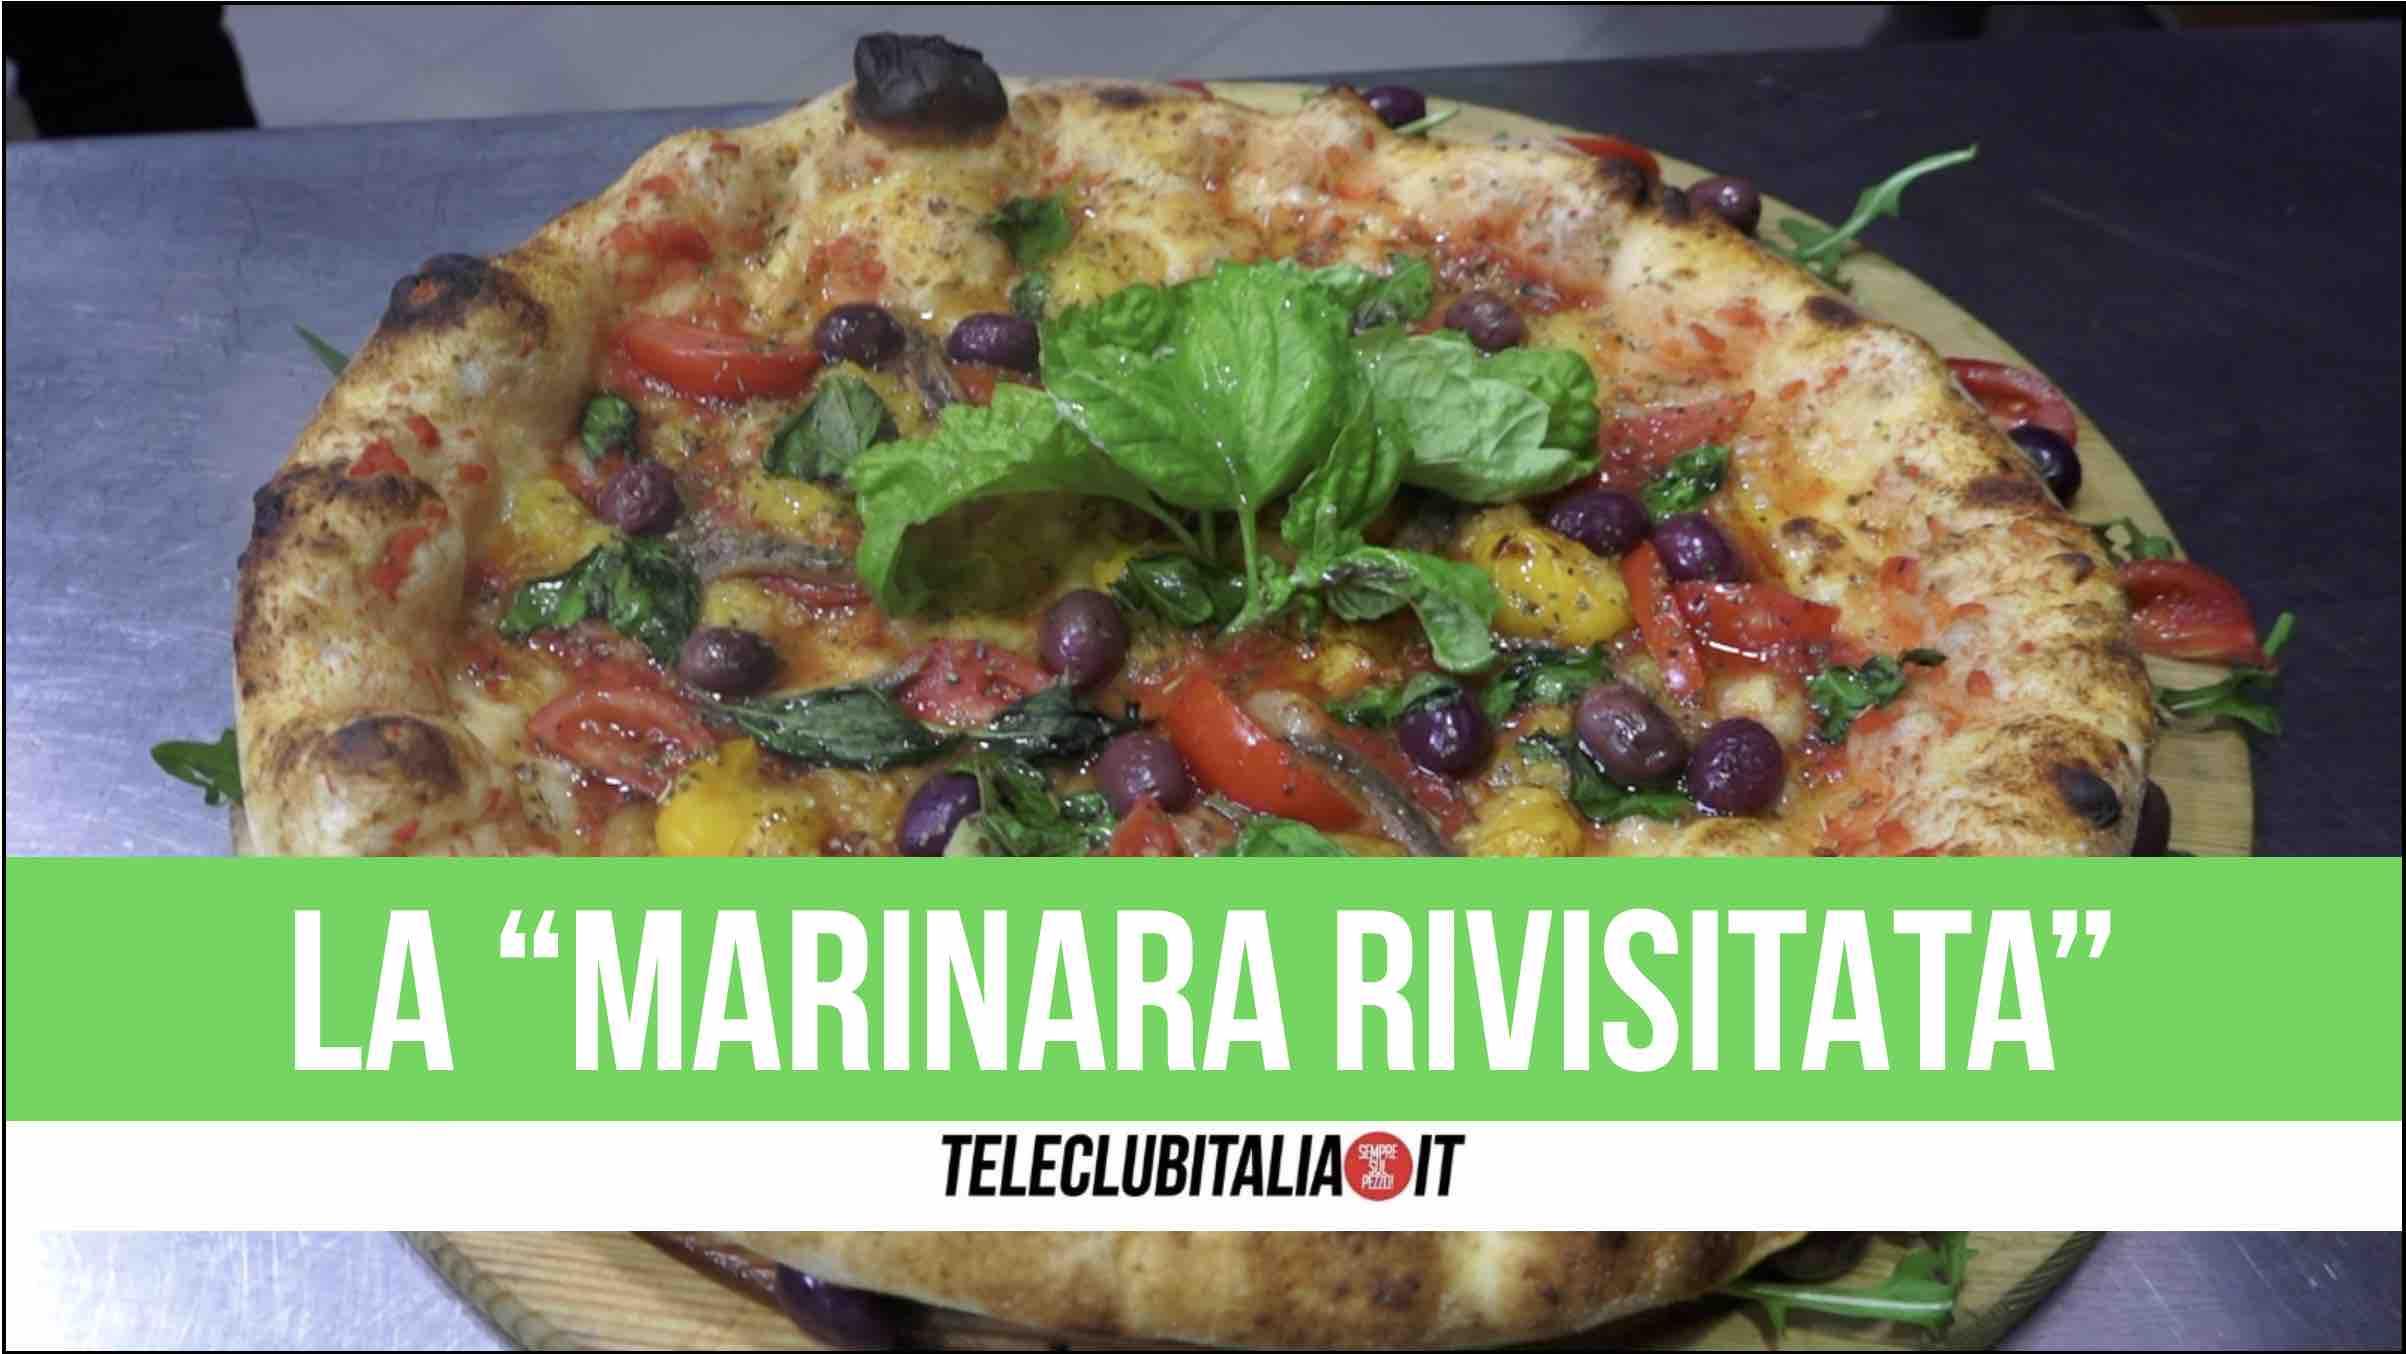 marinara rivisitata carpe diem giugliano pizza